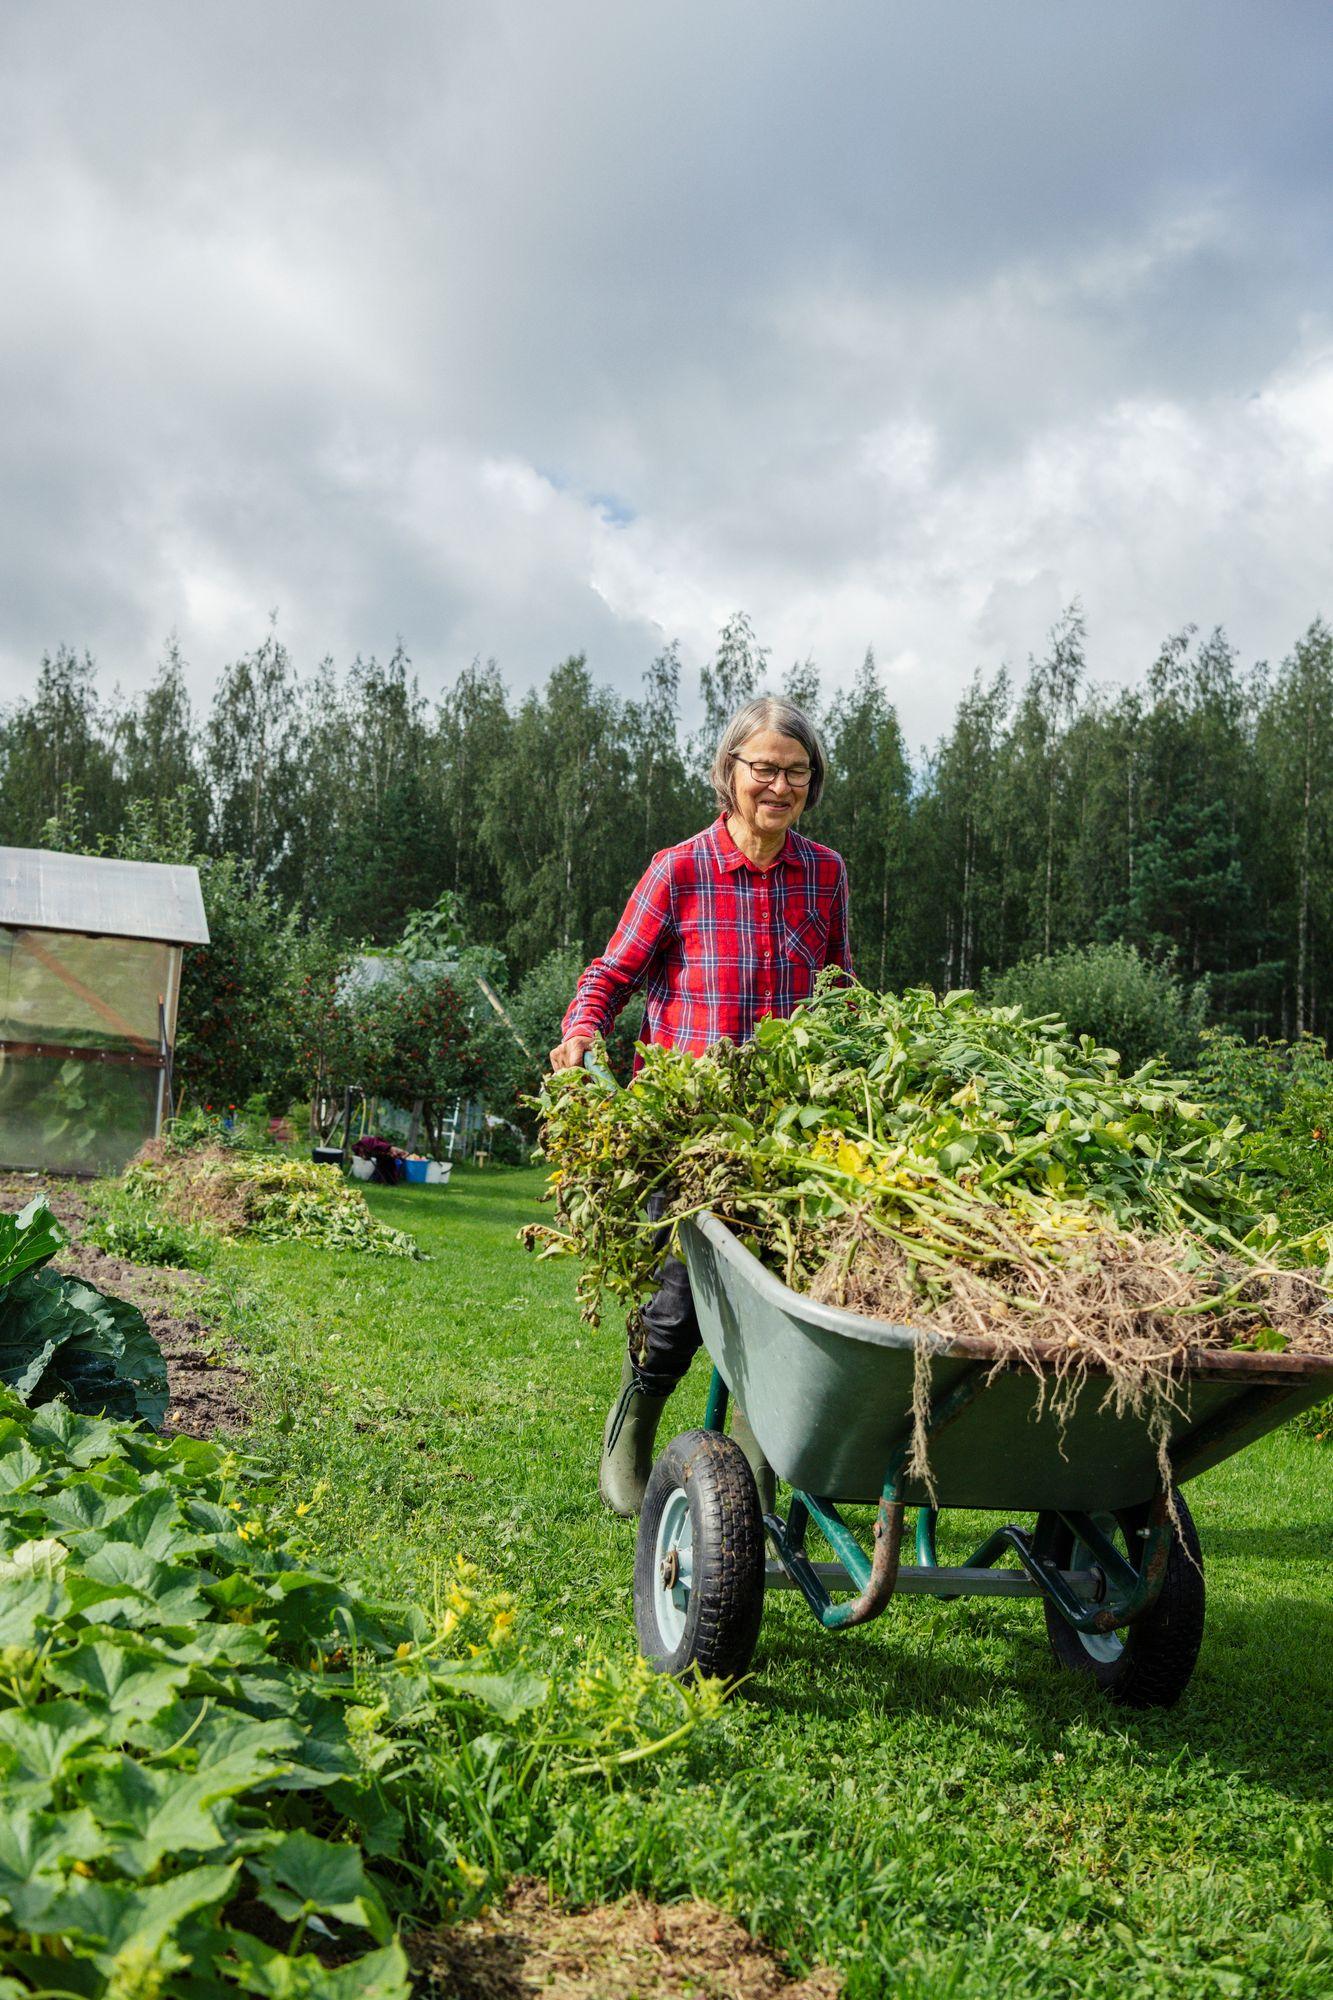 Harrastus sitoo kasvukaudeksi kotiympyröihin, mutta ulkoilua tulee riittävästi. © Pihla Liukkonen